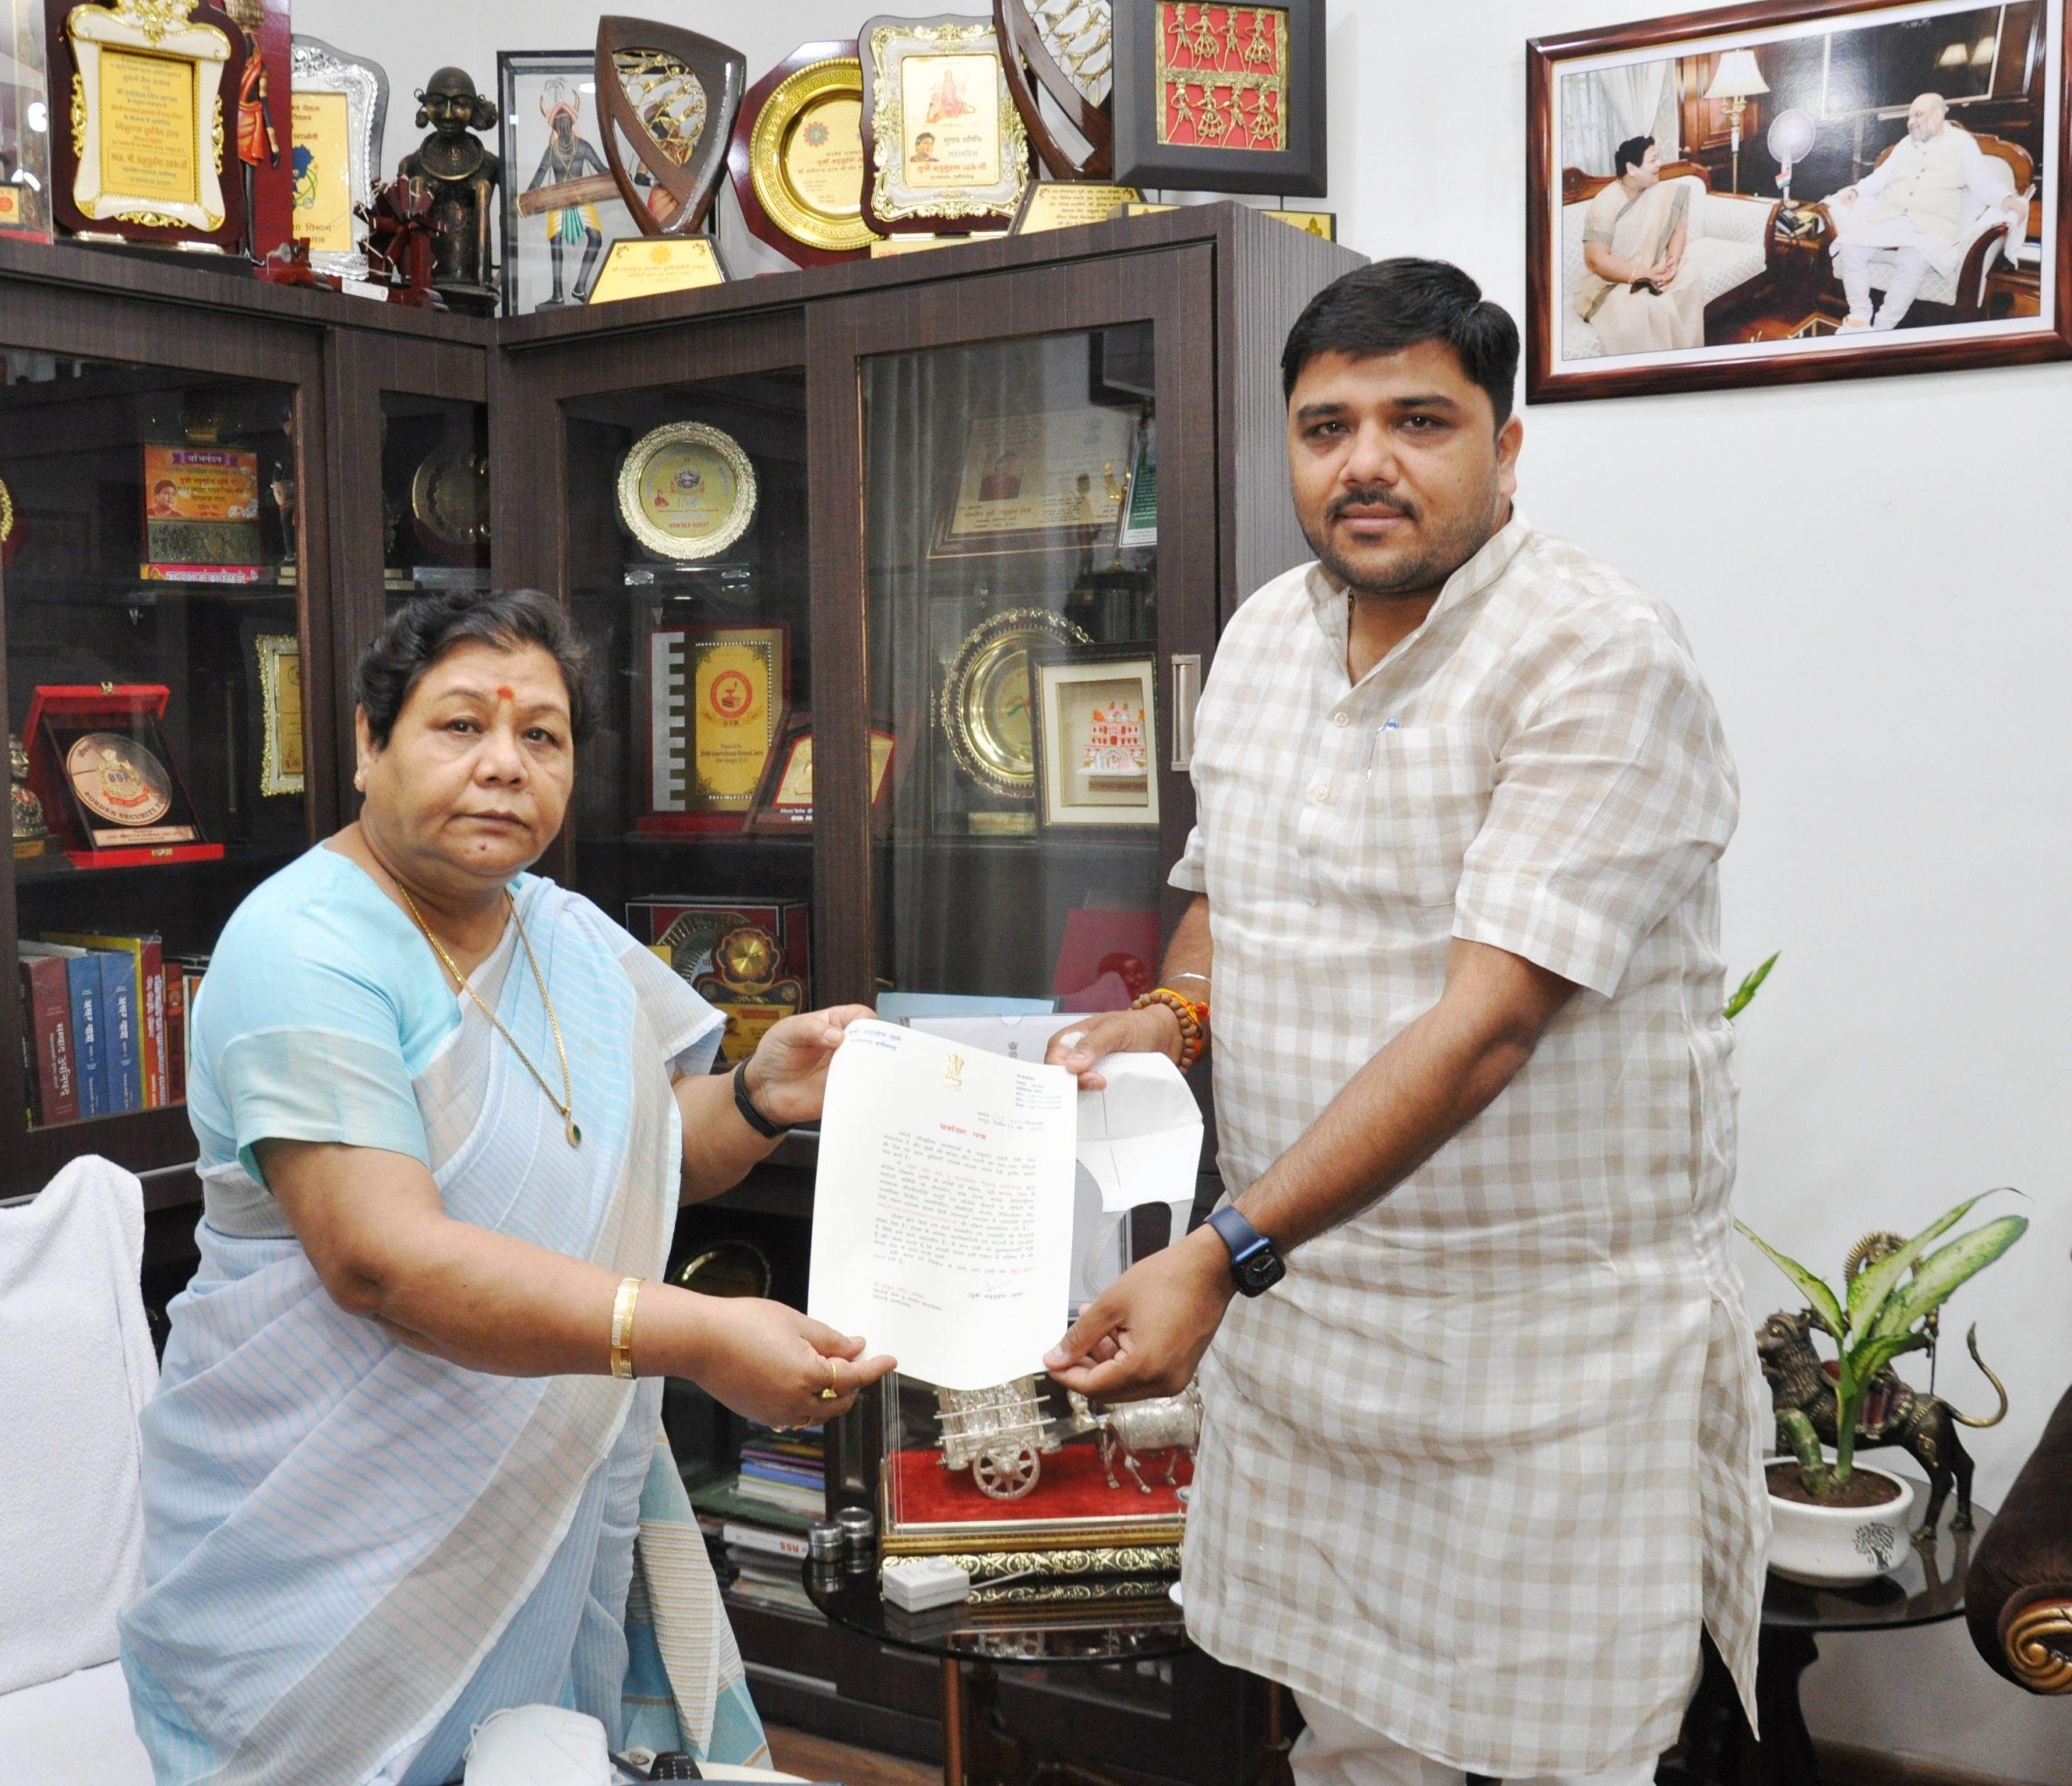 रायपुर : राज्यपाल ने पर्वत फाउण्डेशन के कार्यों की सराहना की